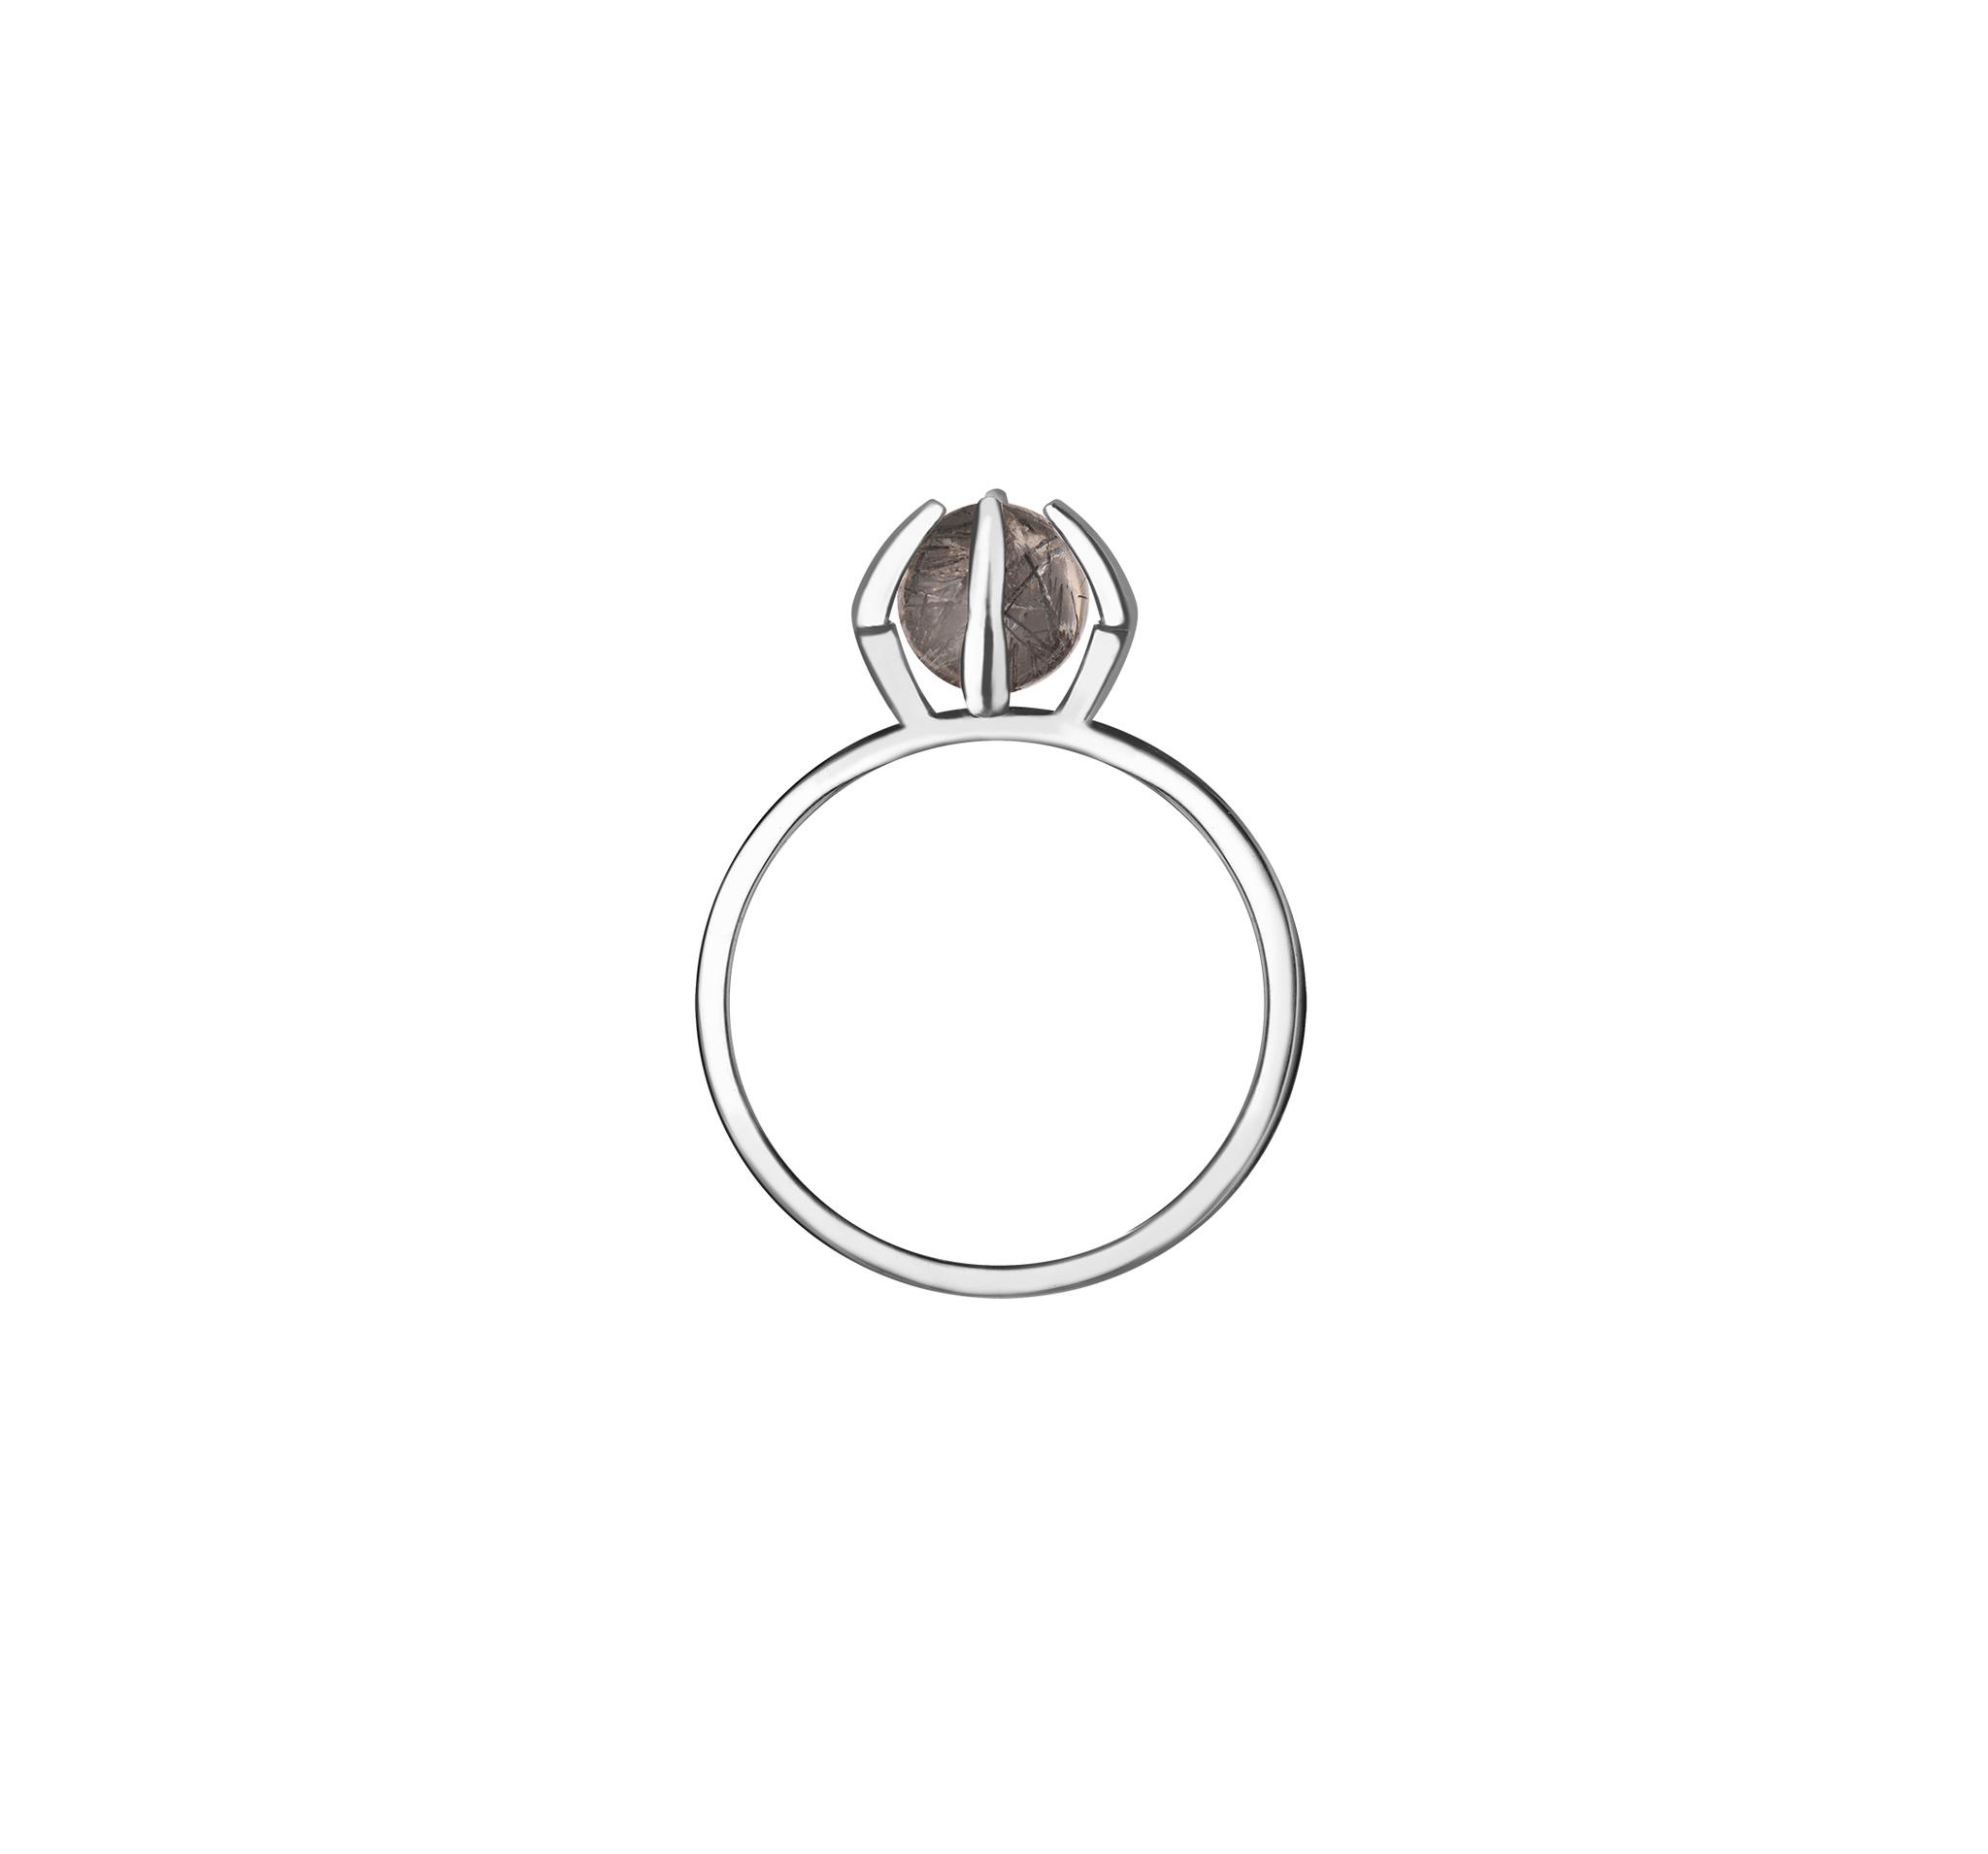 Кольцо из серебра, покрыто родием и дополнено натуральным рутиловым кварцем.